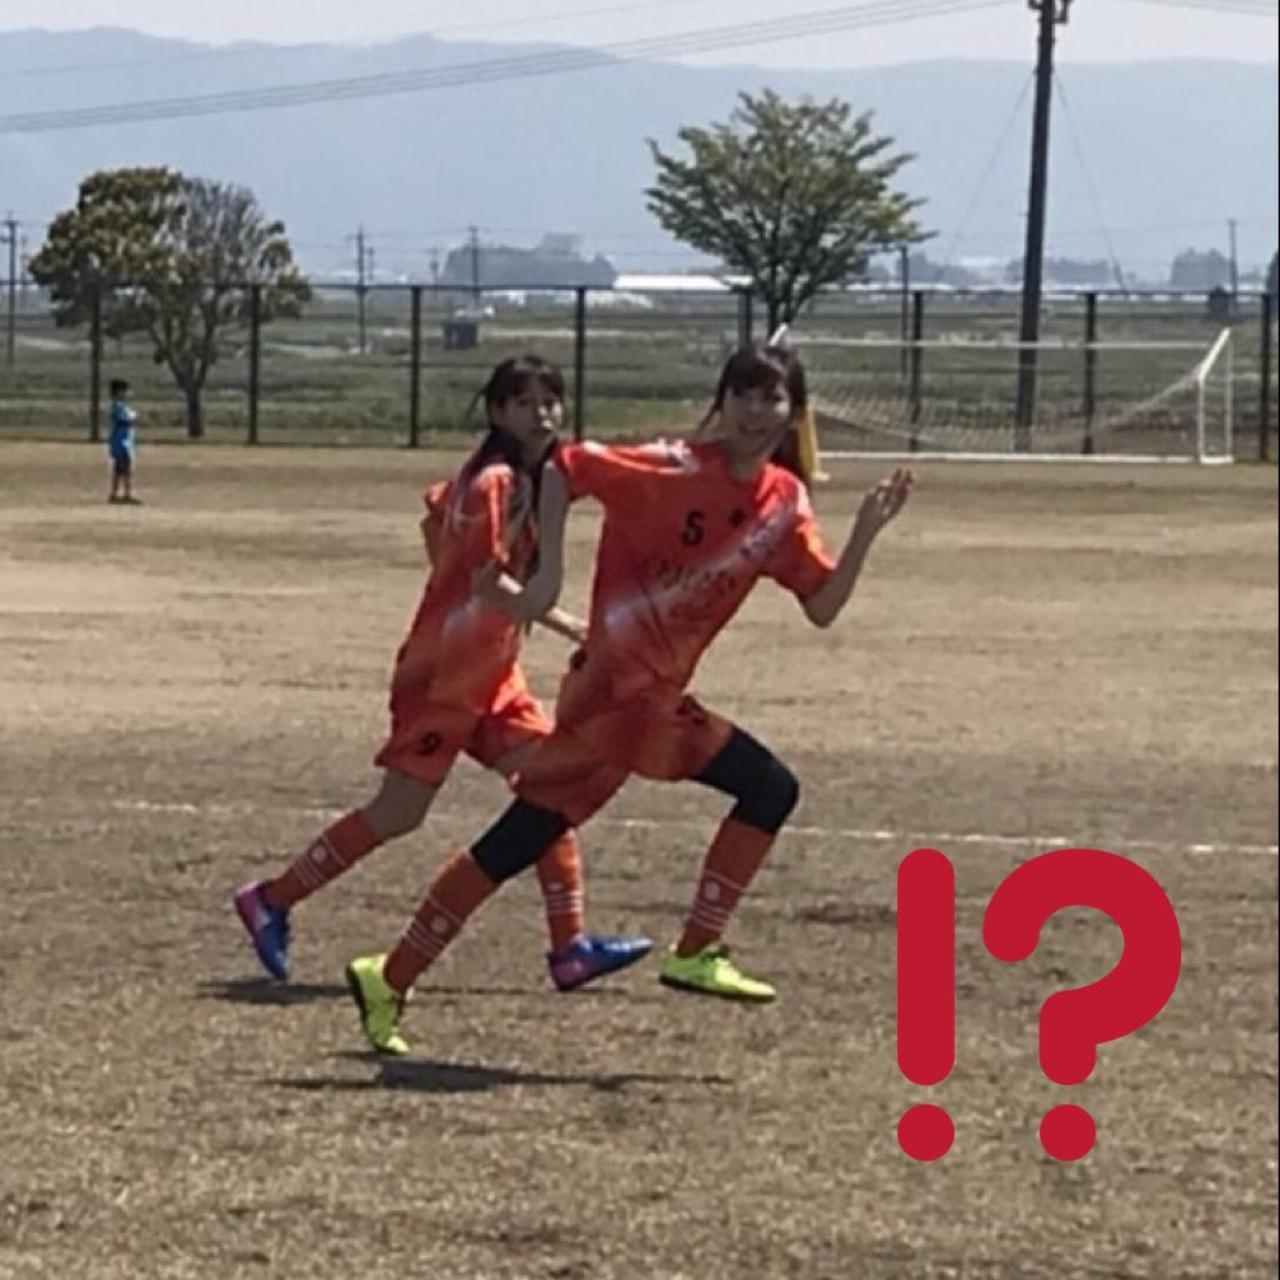 画像: 走っている生田晴香。ファイナルファンタジーのサボテンダーかよ…